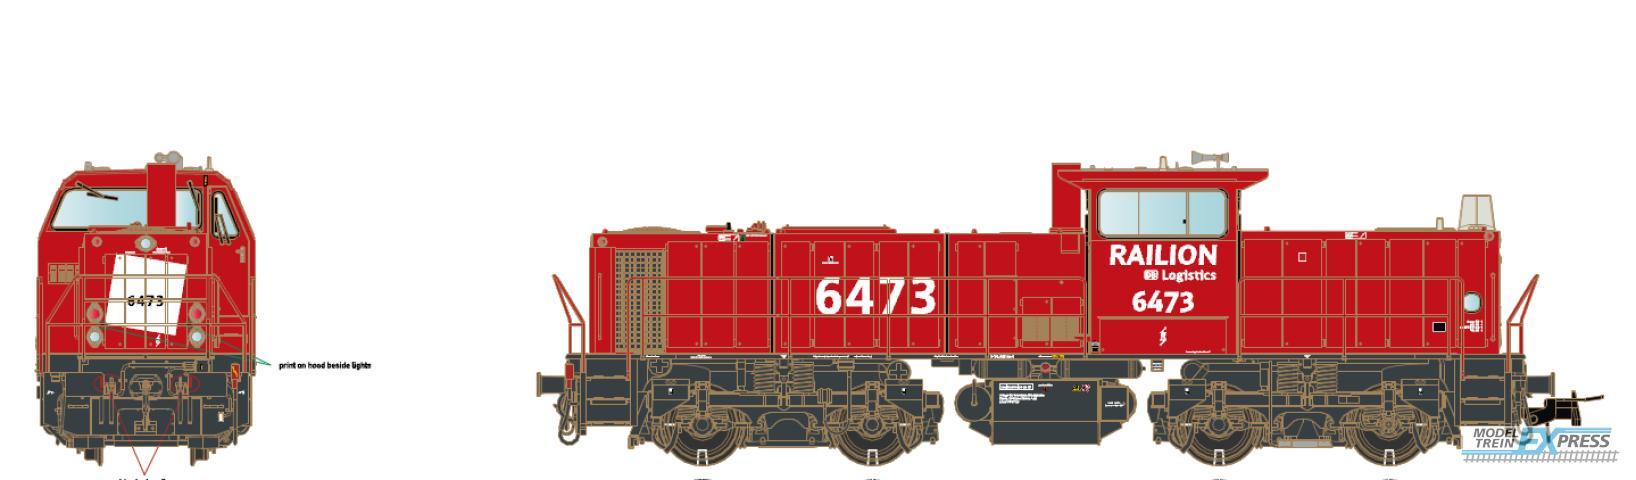 Rocky-Rail 64733